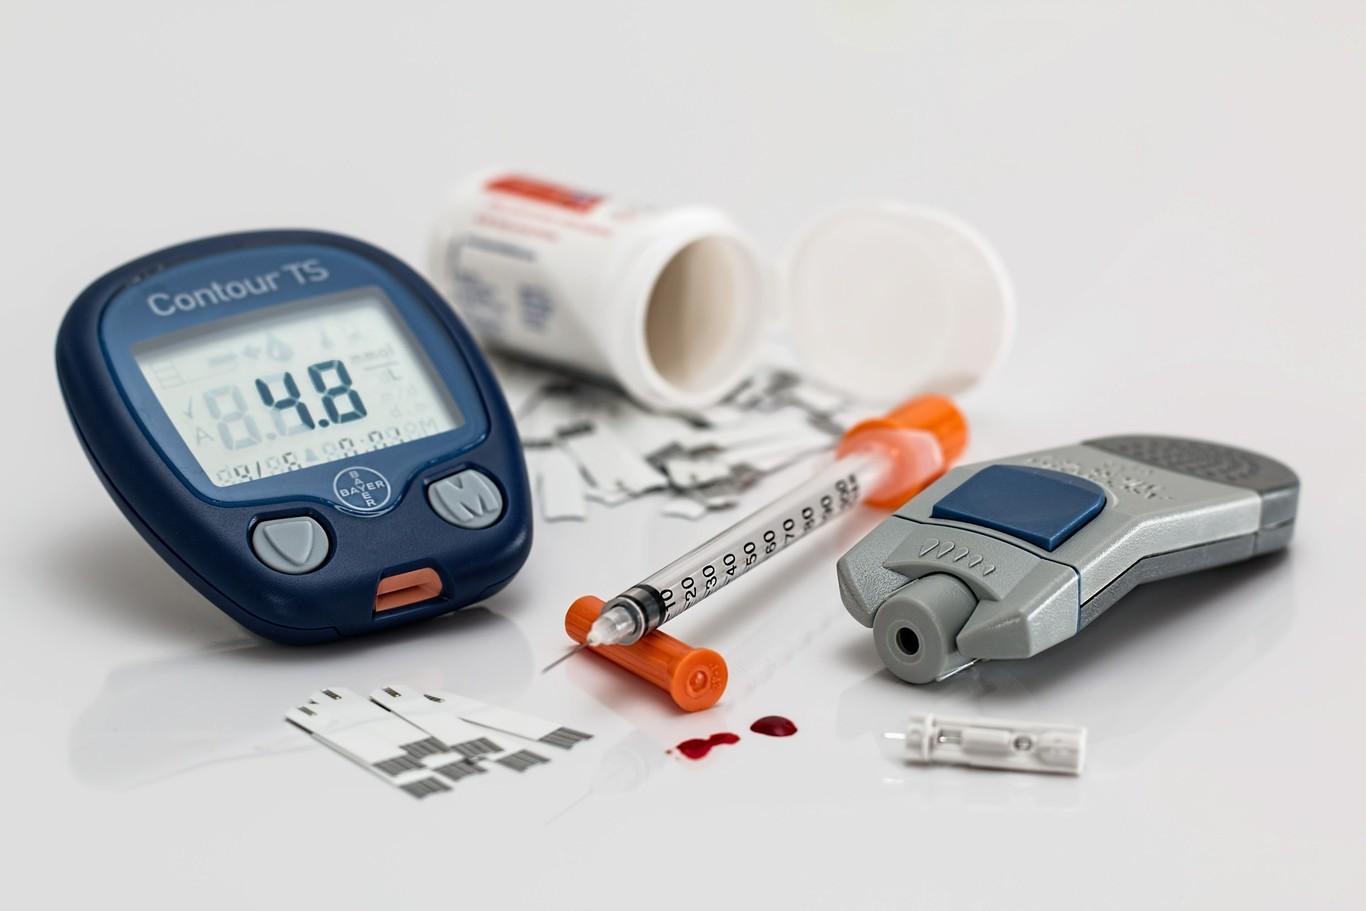 tratamiento de la diabetes tipo 1 durante el embarazo